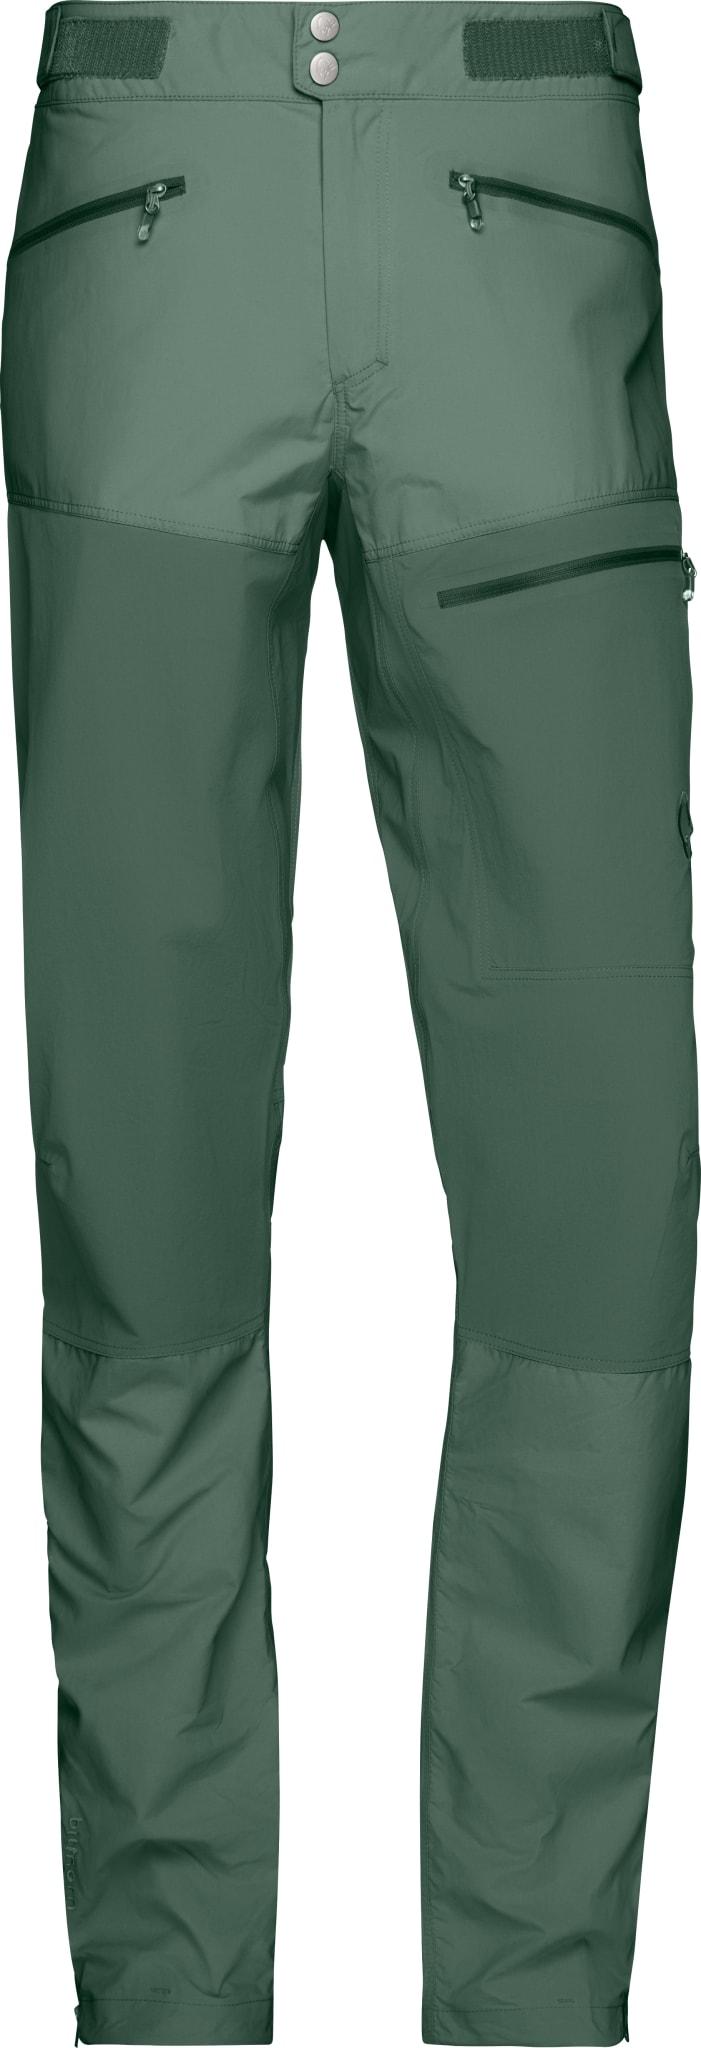 b52ccaed Bitihorn Lightweight Pants M